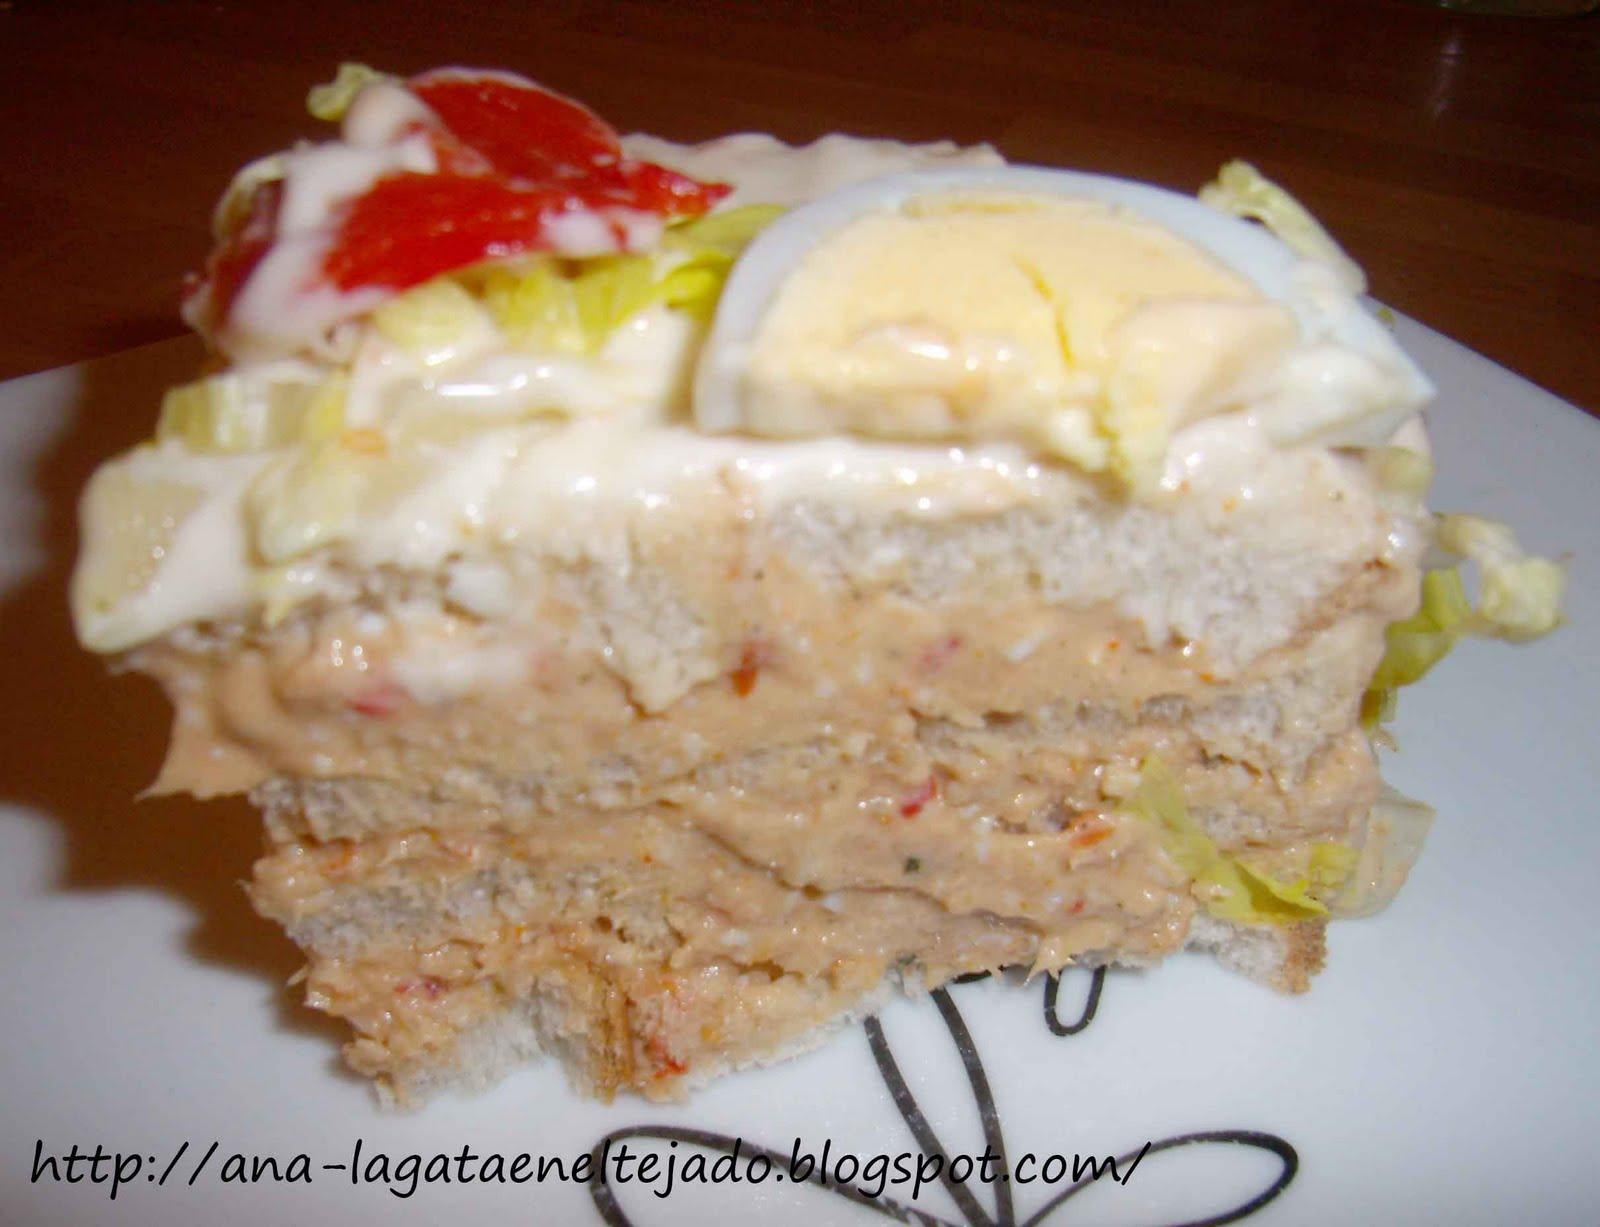 La gata en el tejado: Cocinar barato y fácil: Pastel con pan de molde